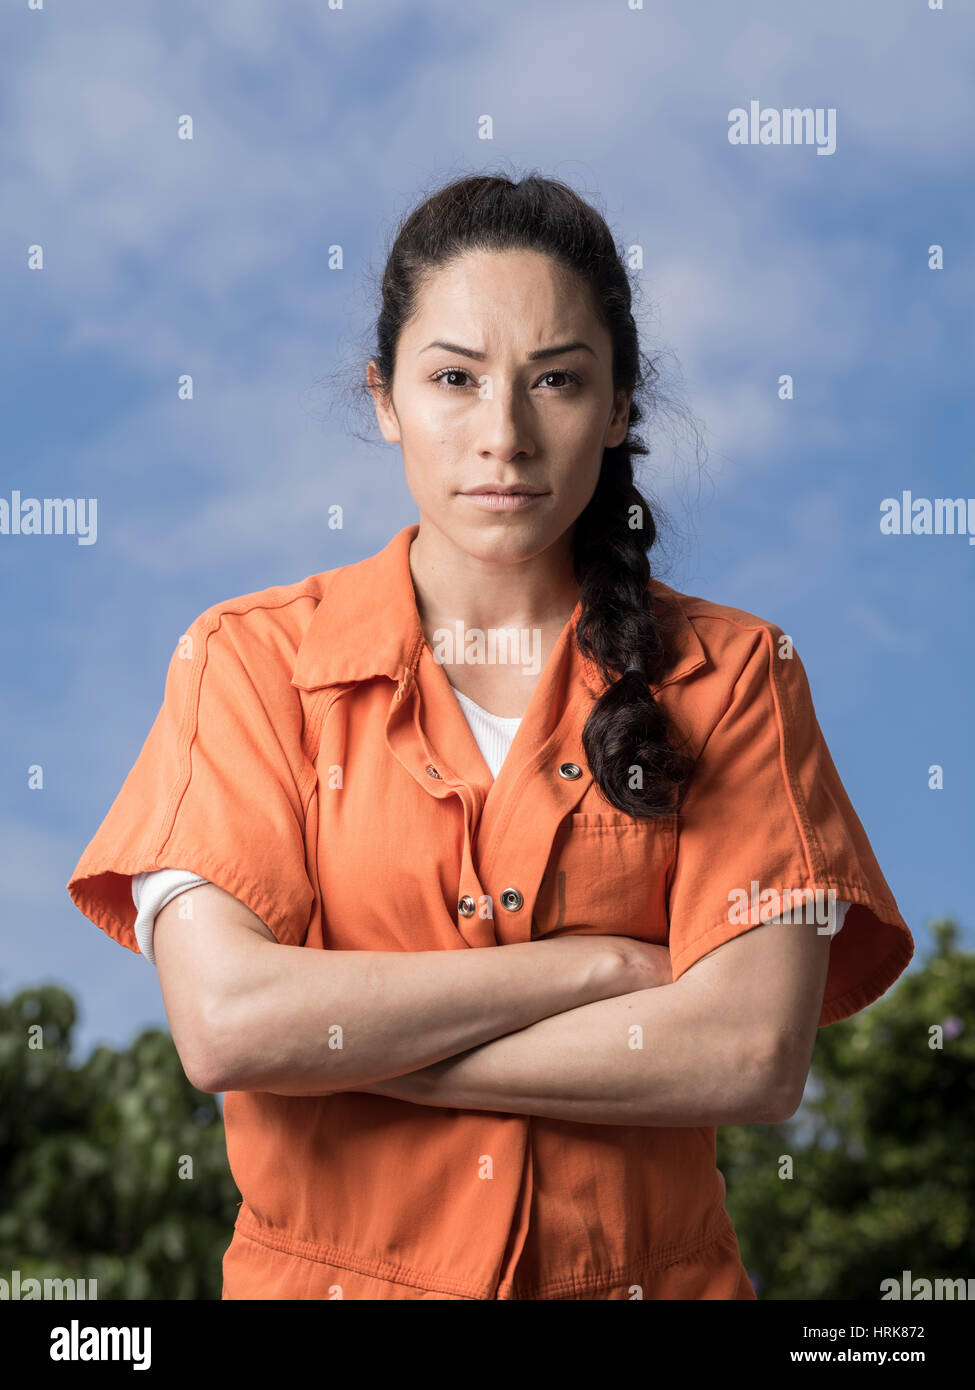 ebf779d059d2 Prison Uniform Stock Photos   Prison Uniform Stock Images - Alamy